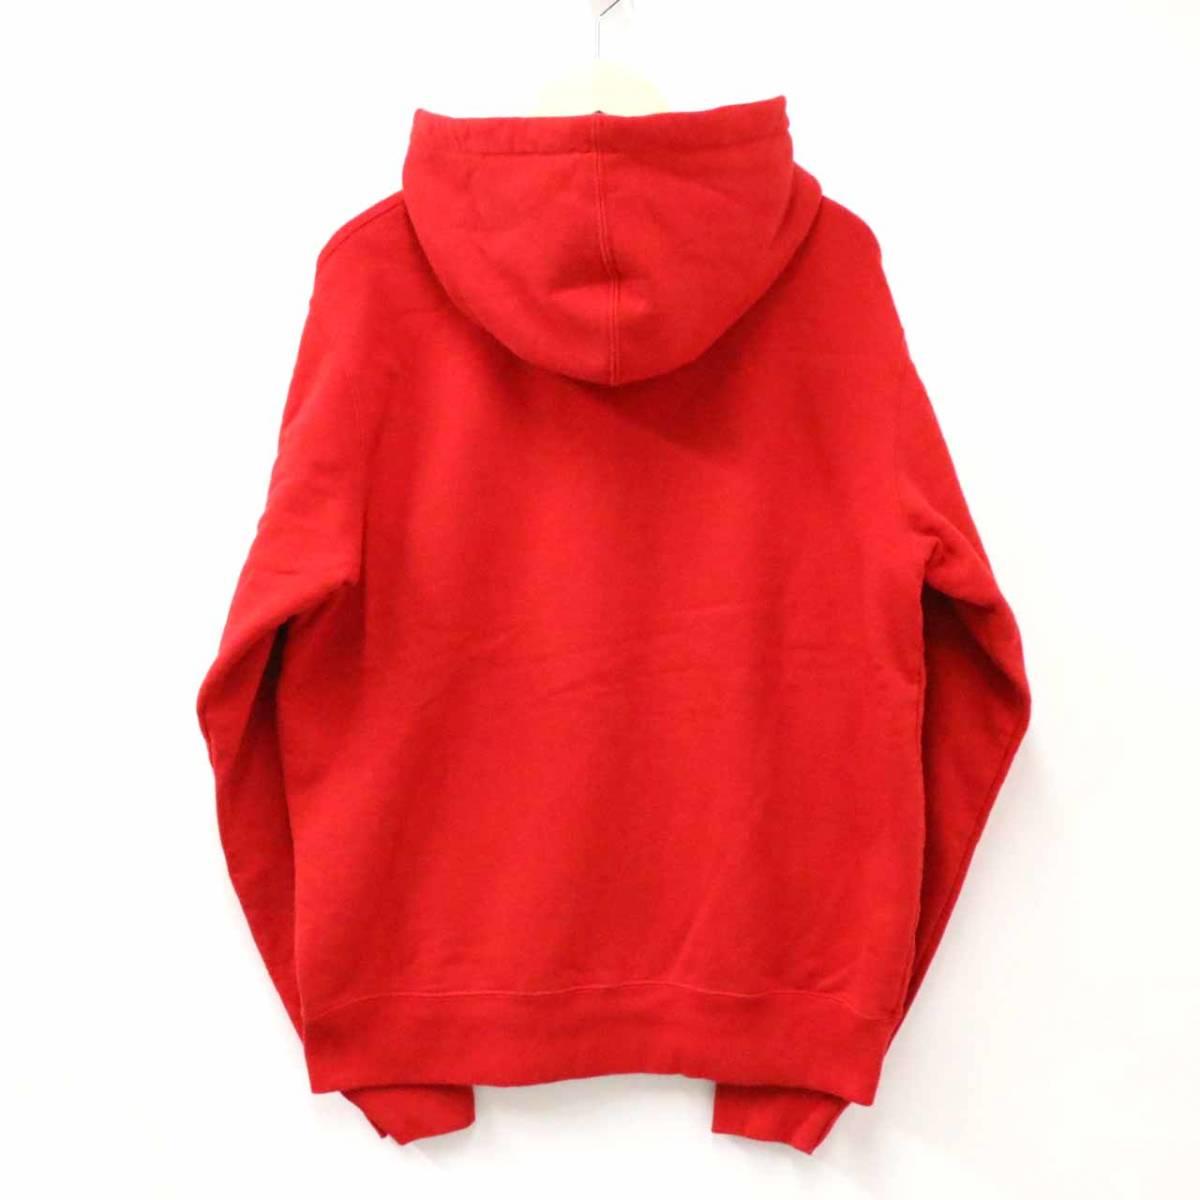 新品未使用 Supreme シュプリーム 19SS Small Box Zip Up Sweatshirt M RED レア 希少 完売 B16562_画像2